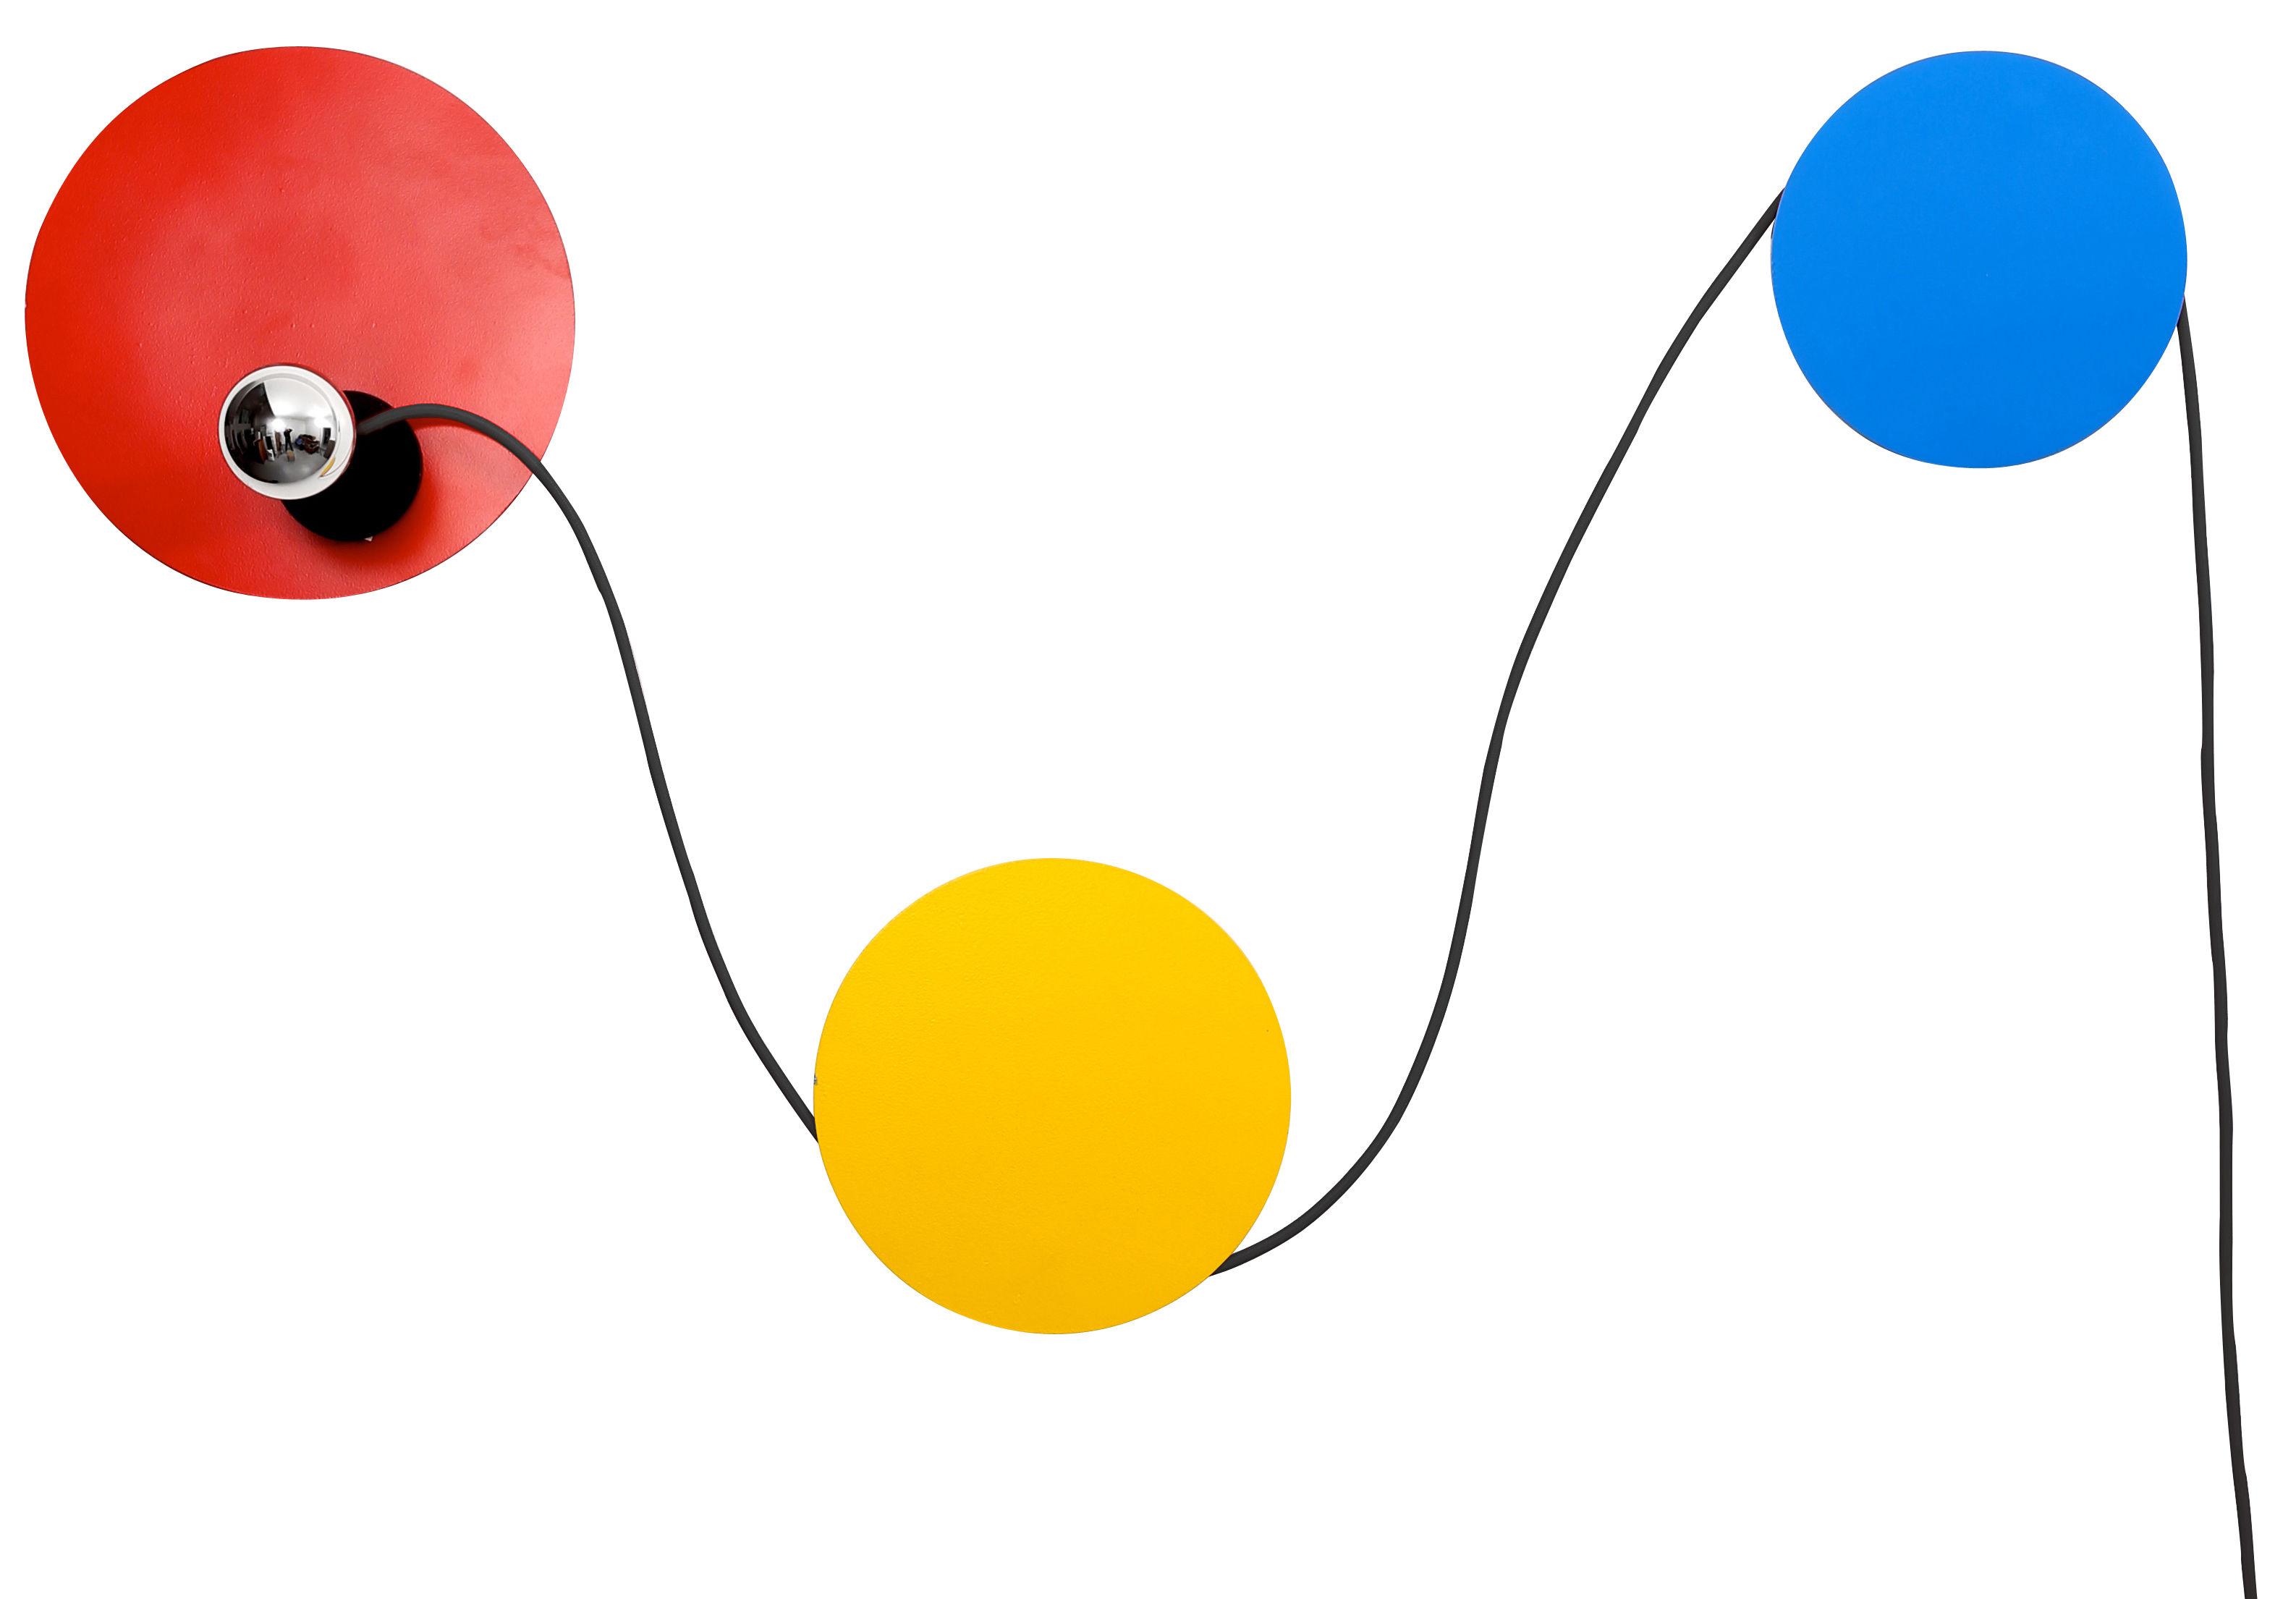 Luminaire - Appliques - Applique avec prise Spotlight / Modulable - La Corbeille - Rouge, Jaune, Bleu / Câble noir - Métal laqué